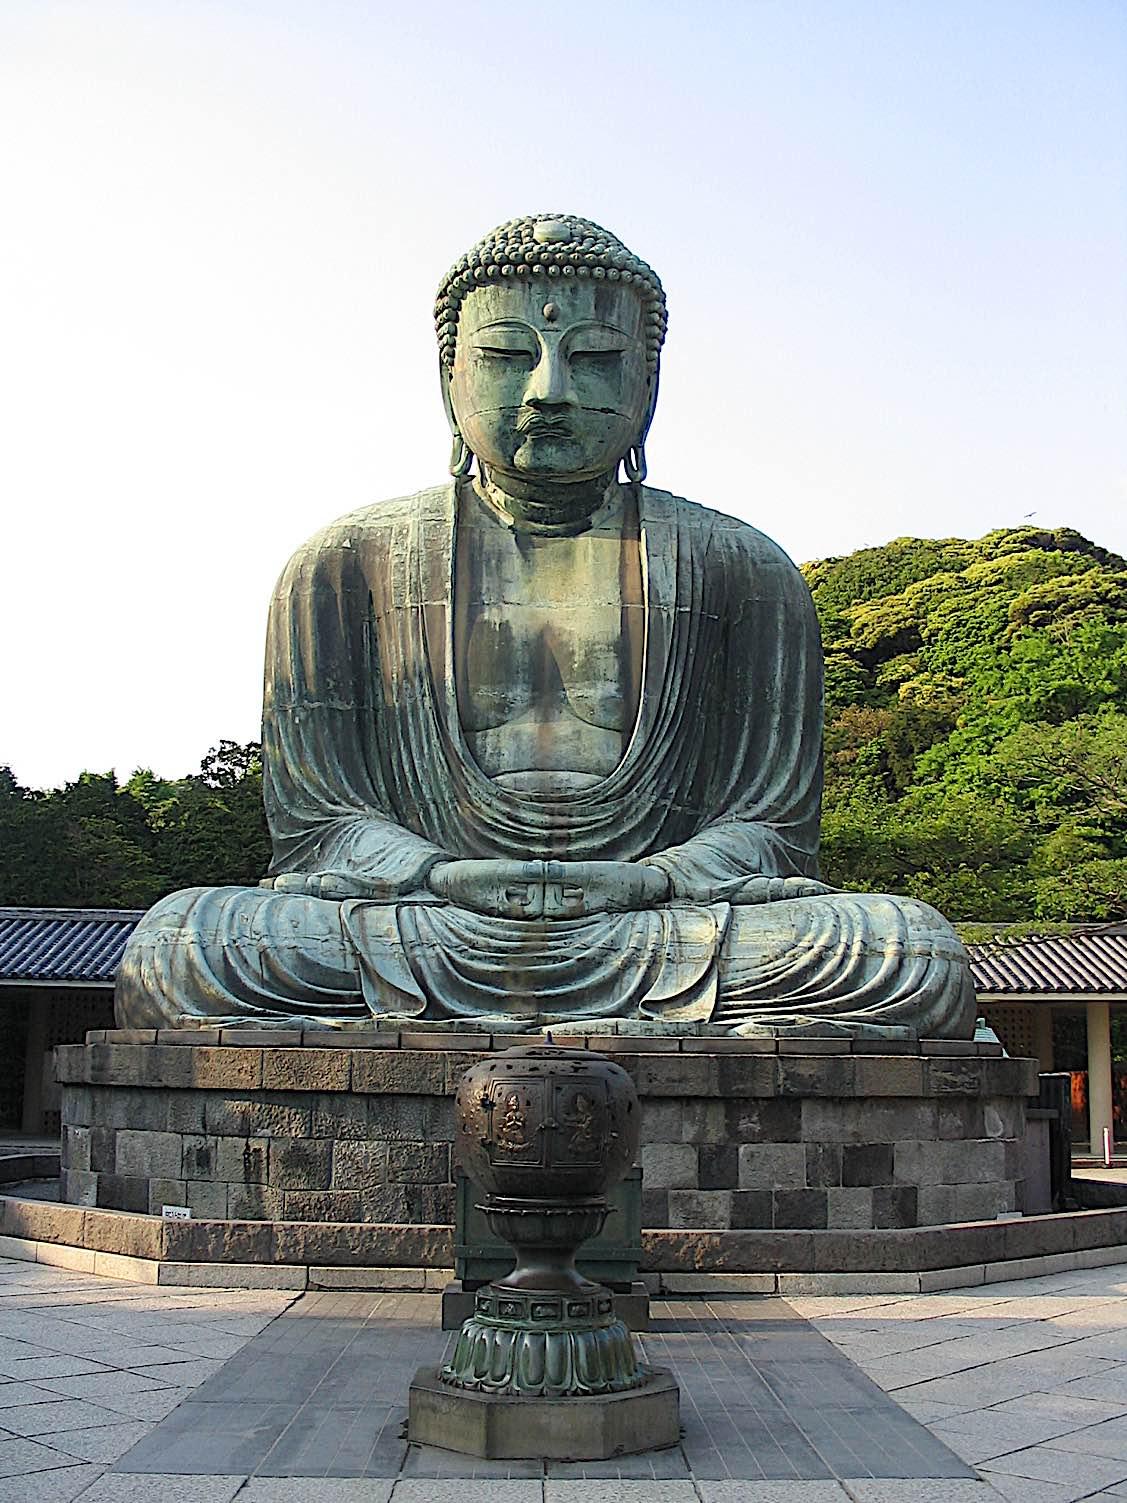 Buddha Weekly Kamakura Budda Daibutsu front 1885 Buddhism